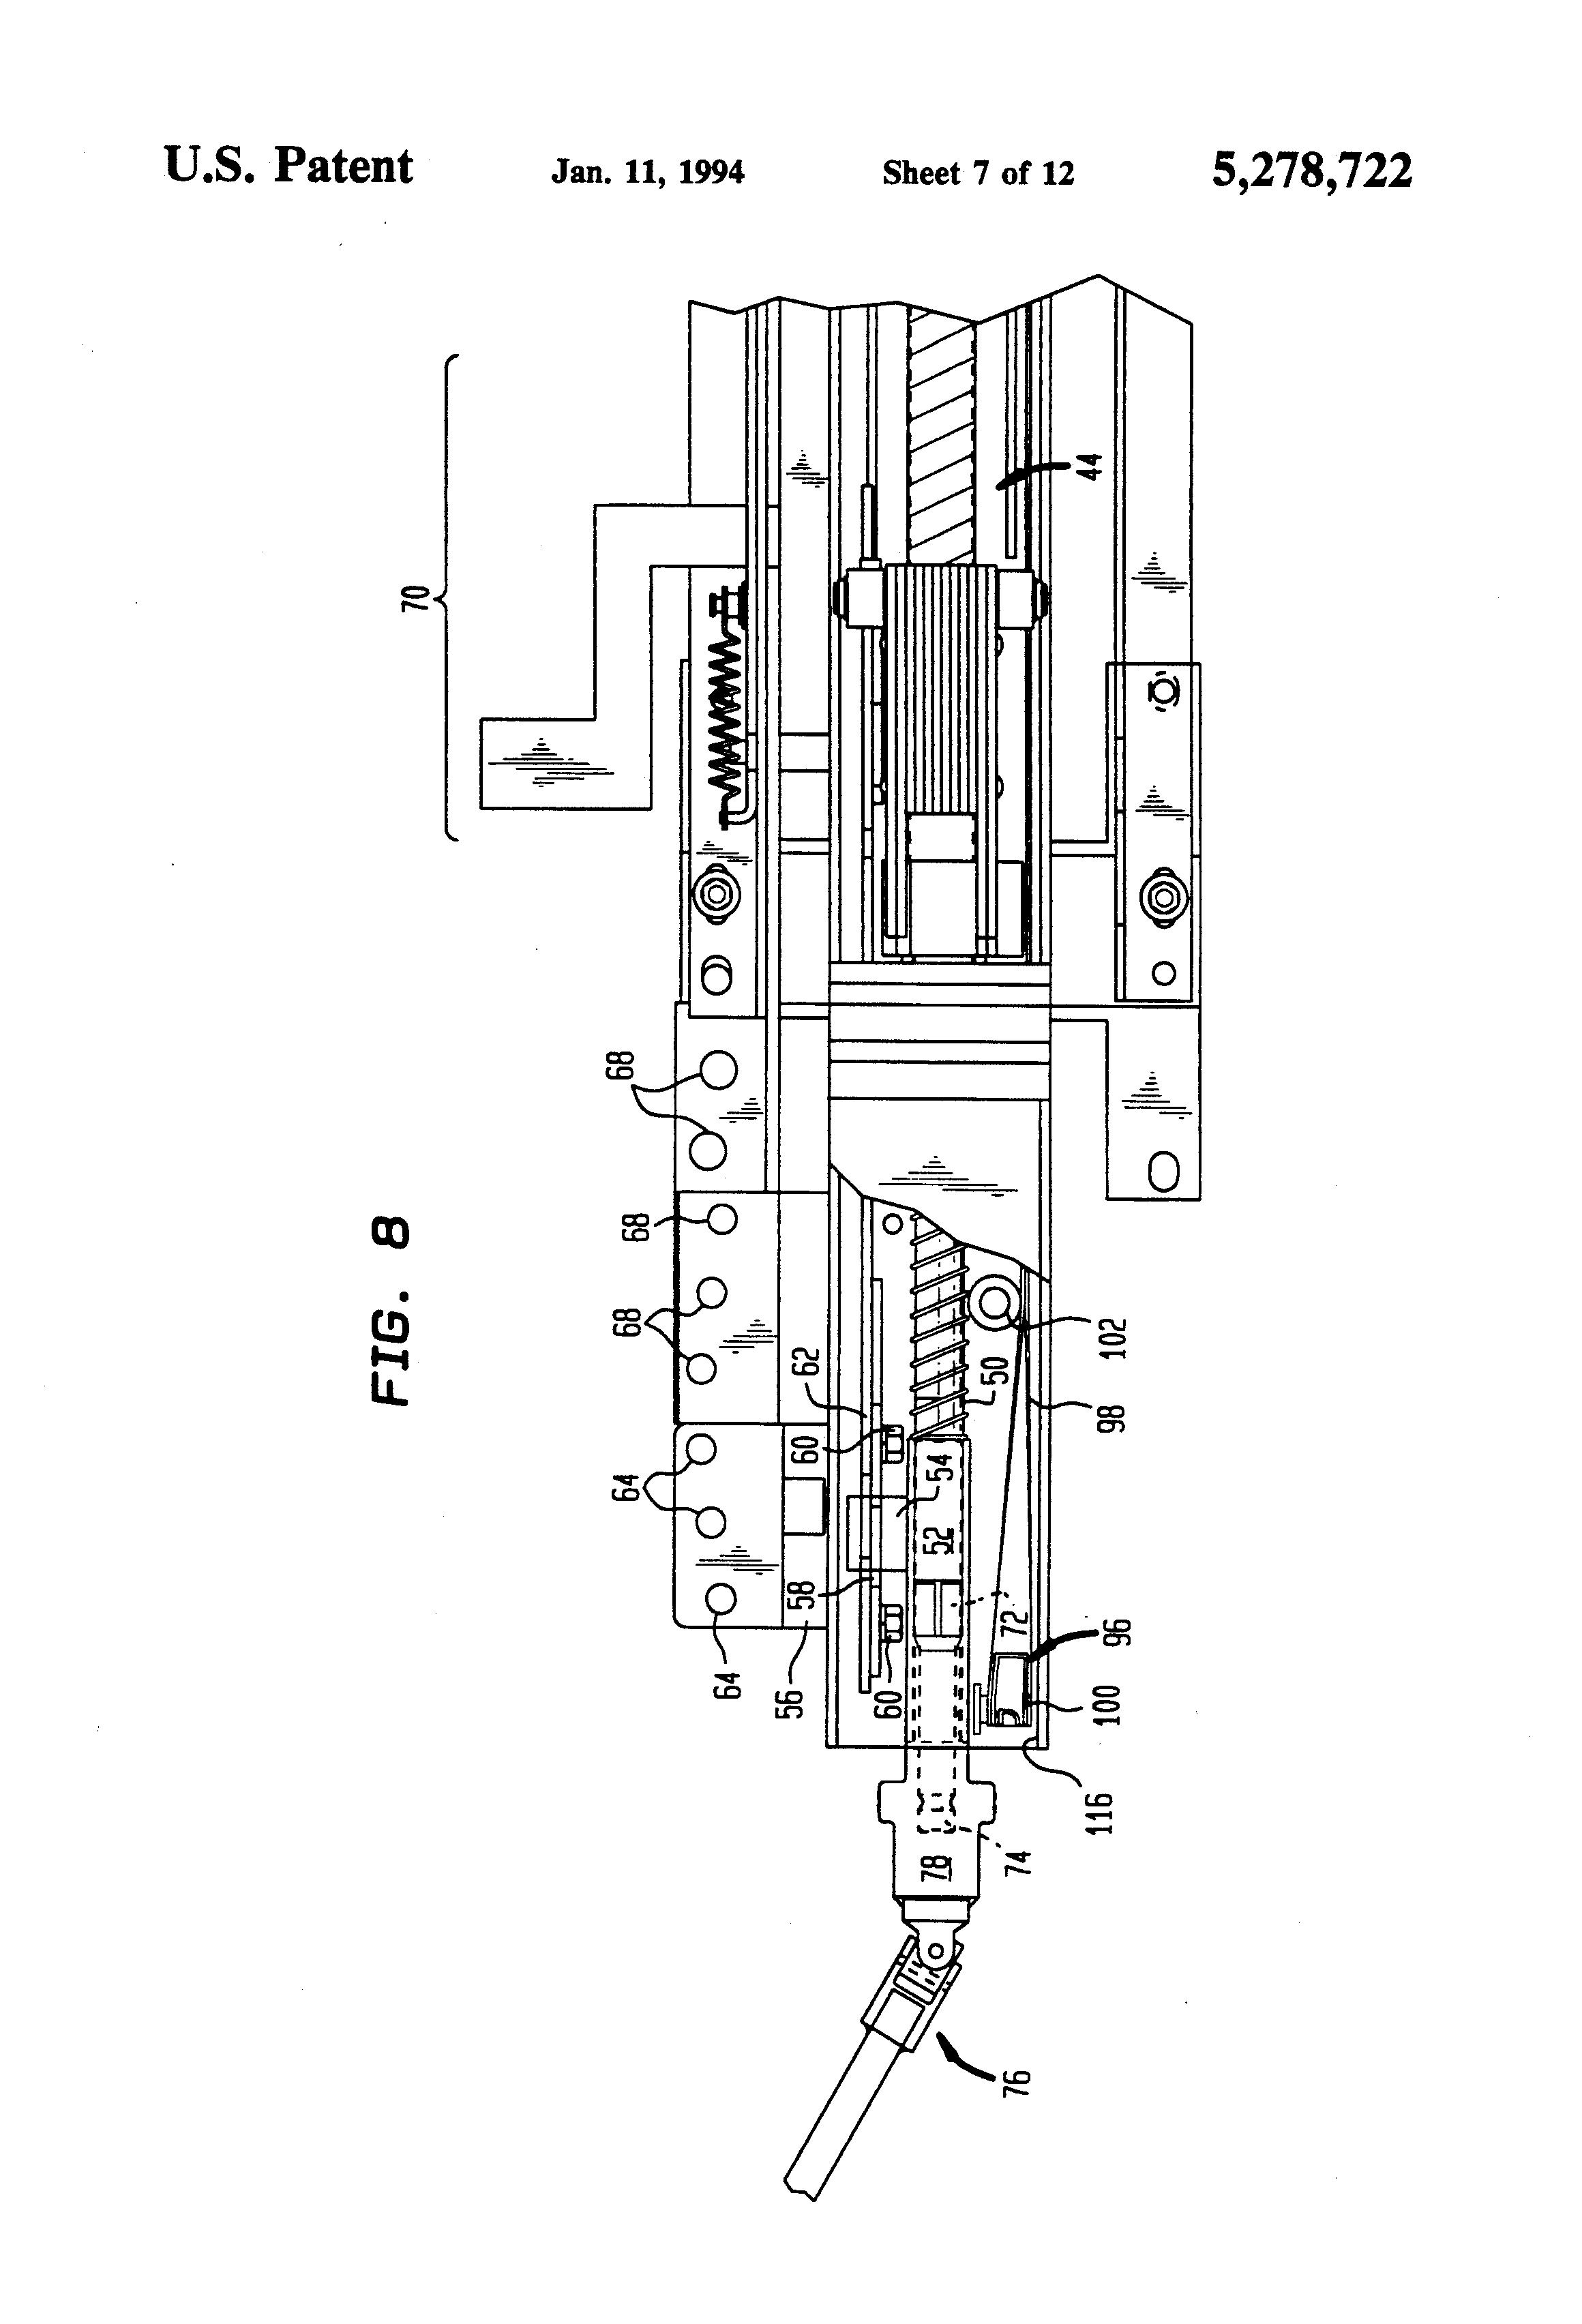 [DIAGRAM] Ford E 450 Fuse Box Diagram FULL Version HD